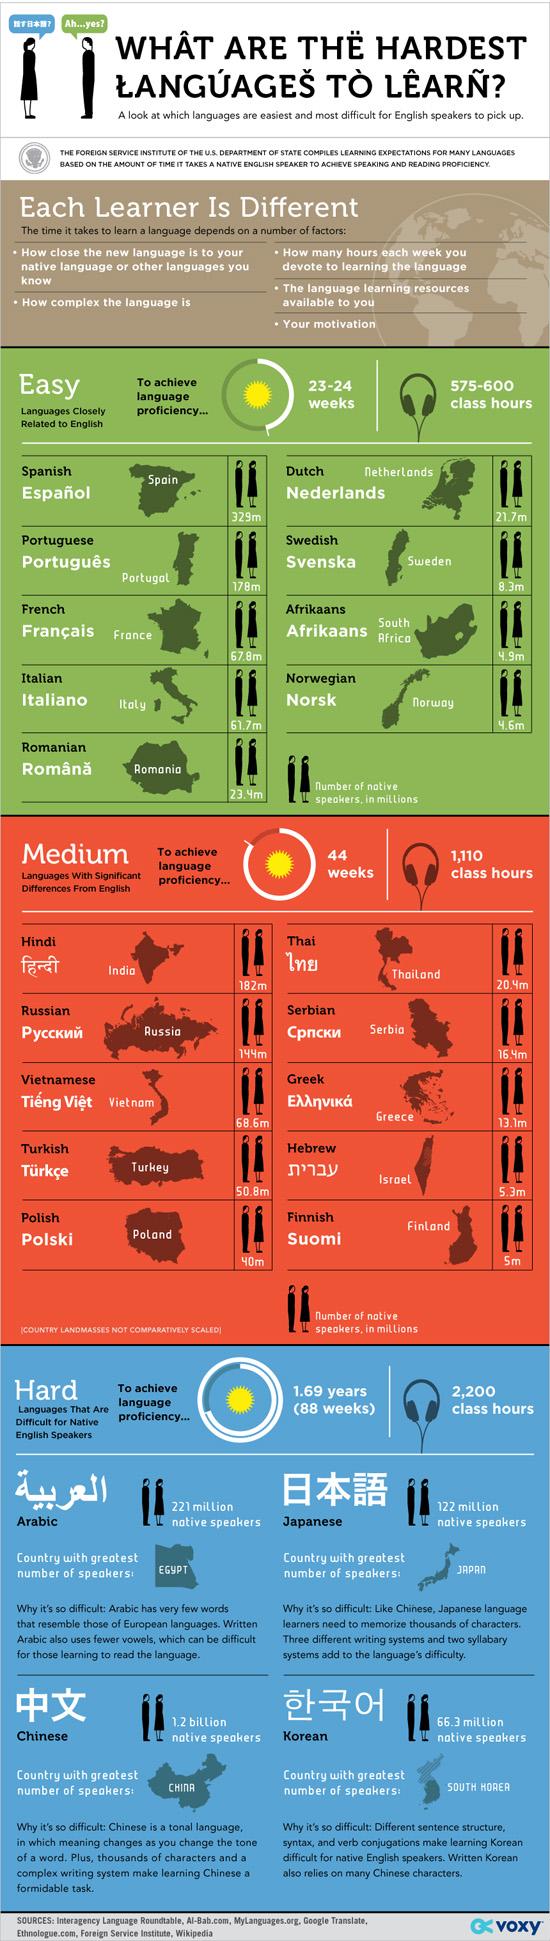 Hardest language by Voxy.jpg